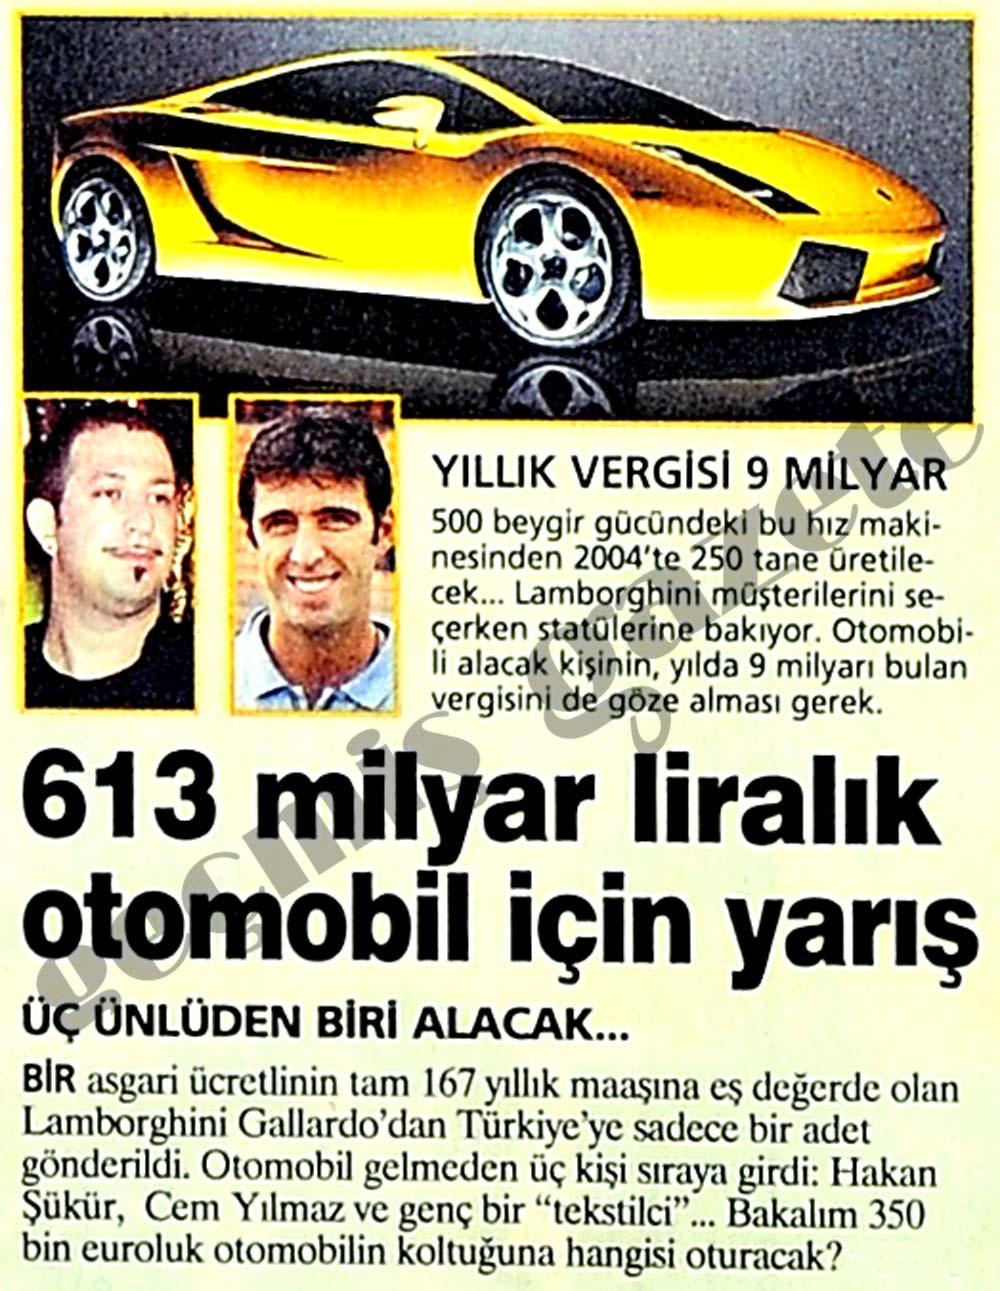 613 milyar liralık otomobil için yarış